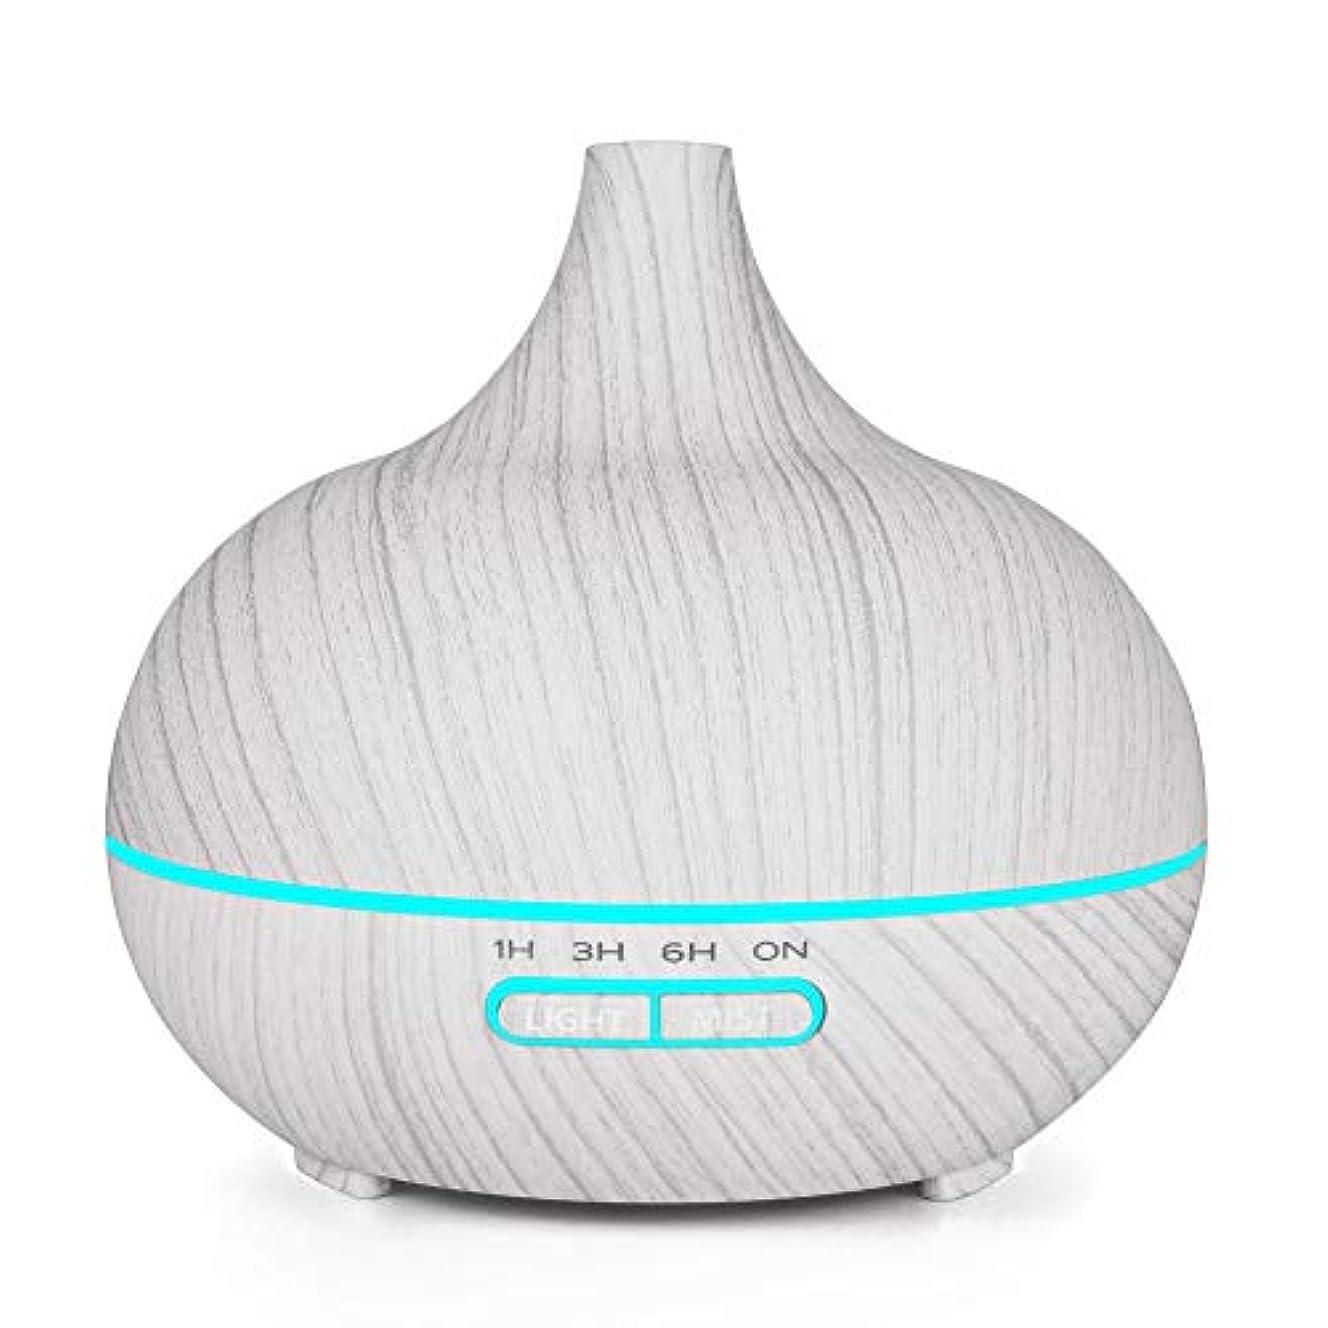 義務的ウォーターフロントラダ木目 涼しい霧 加湿器,7 色 空気を浄化 加湿機 時間 手動 香り 精油 ディフューザー アロマネブライザー Yoga ベッド- 400ml